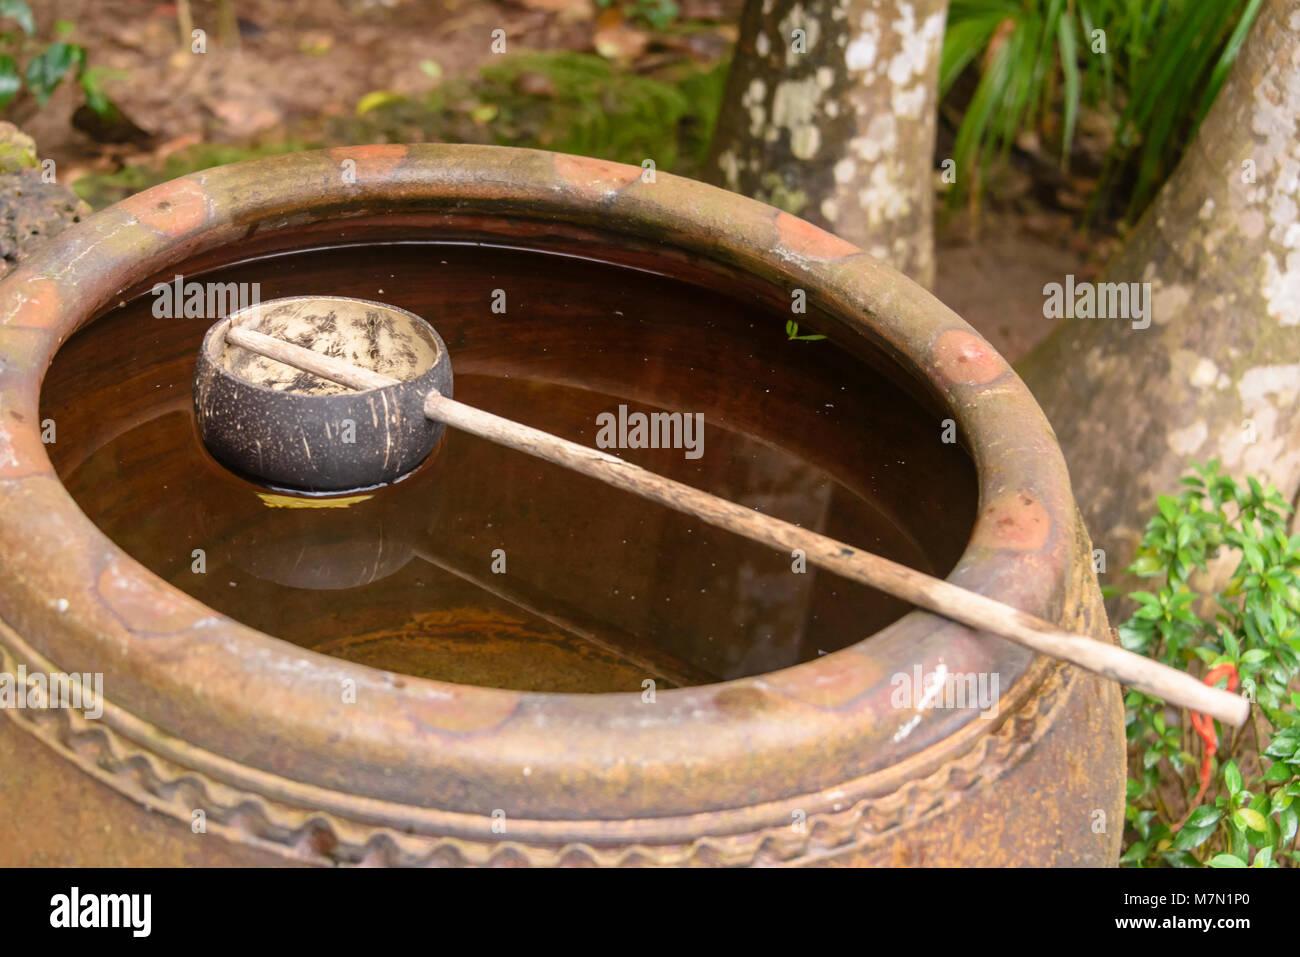 Una metà di guscio di noce di cocco con un bastone attaccato galleggiare su un urna di acqua piovana all'aperto, Immagini Stock